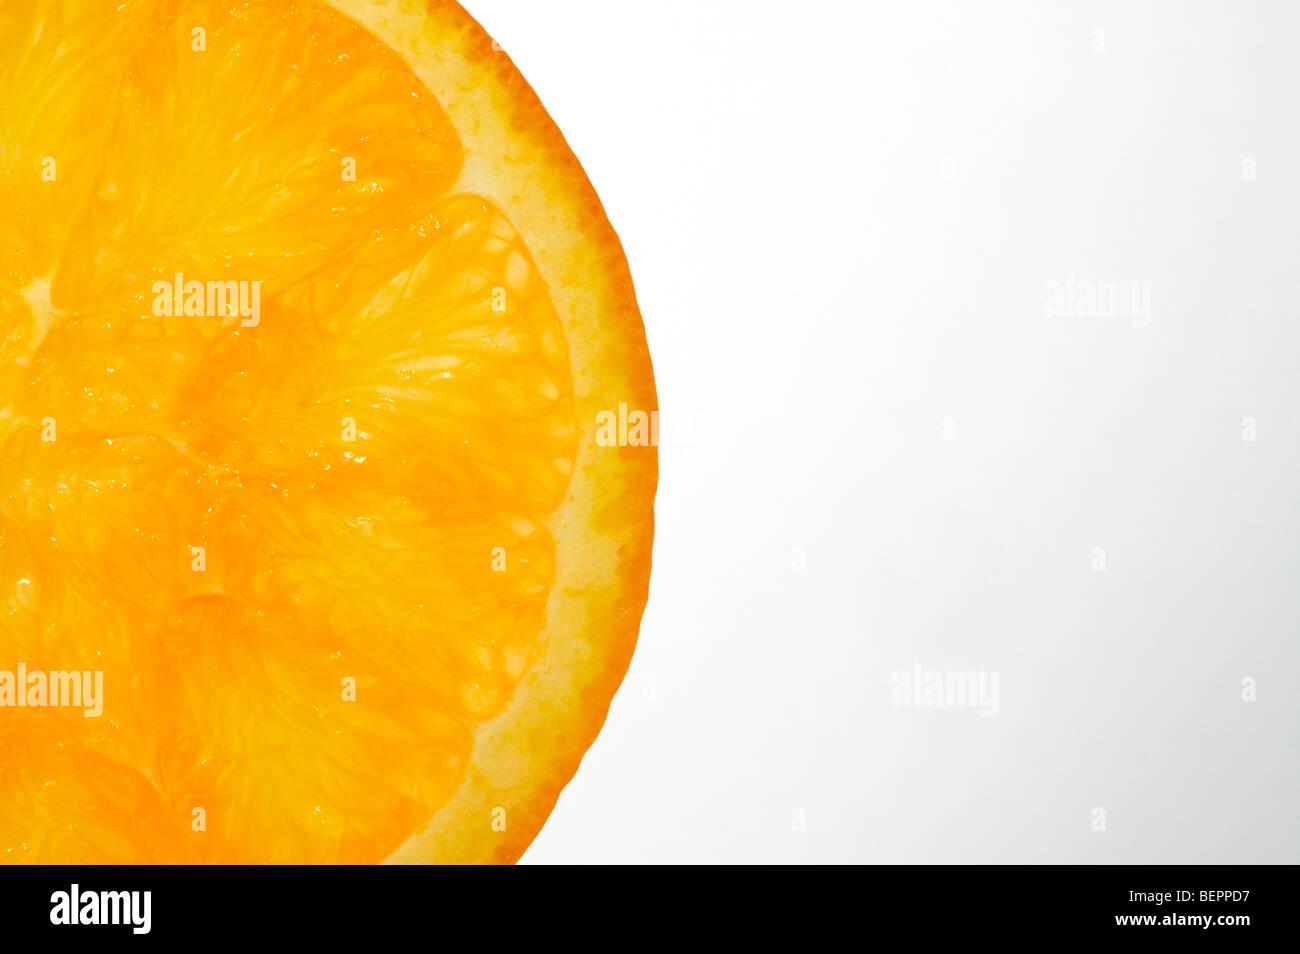 Studio shot of tranche d'orange avec un fond blanc rétroéclairé Photo Stock